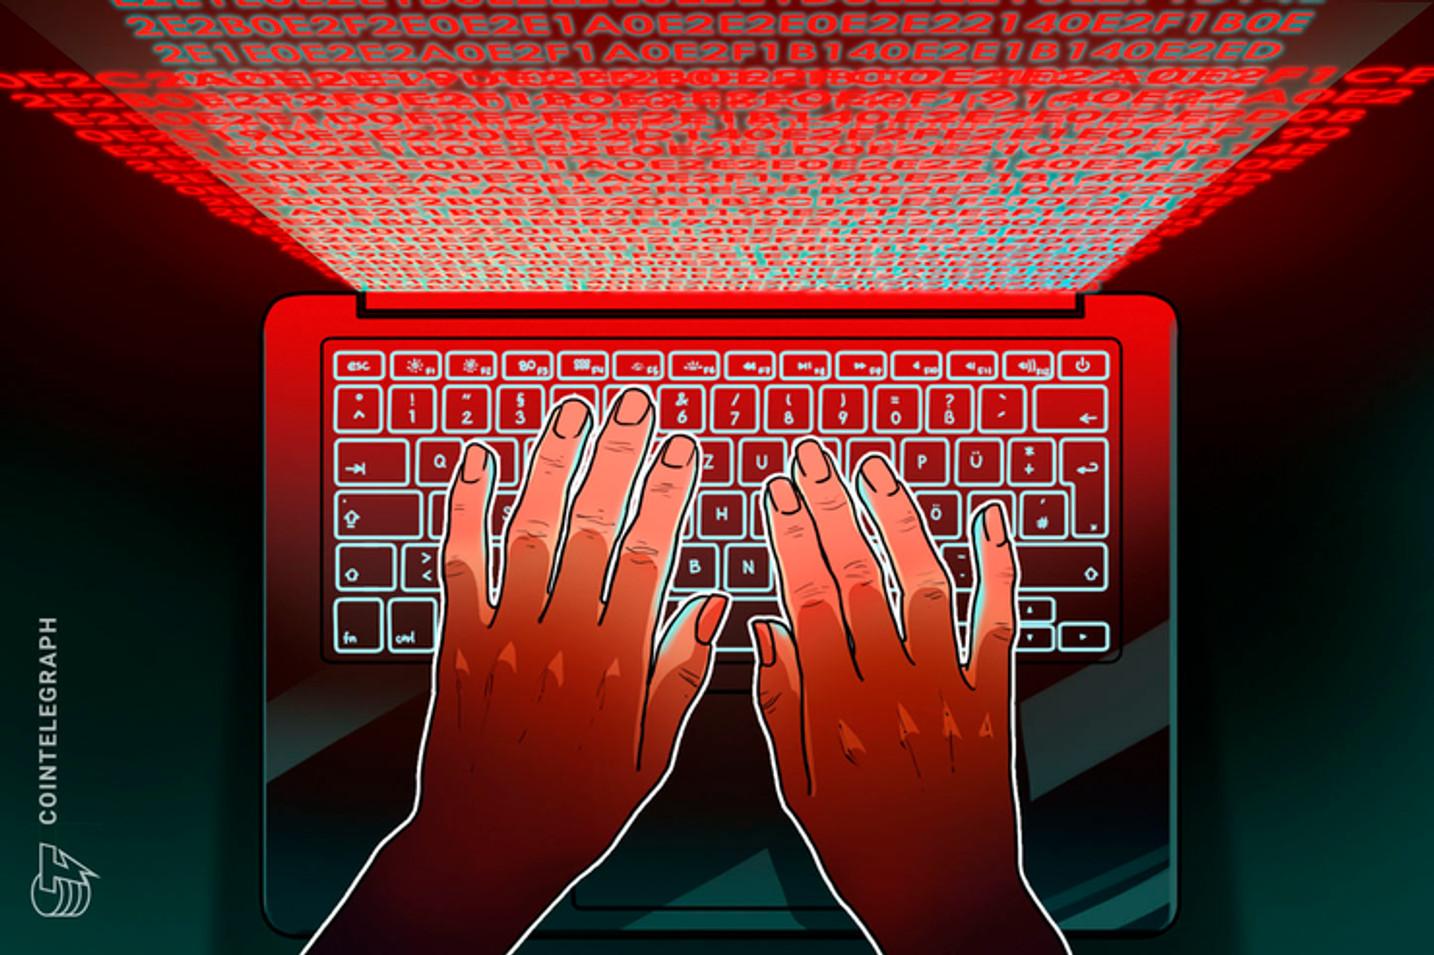 Empresa de câmbio Travelex retoma serviços depois de ataque hacker que exigia resgate de US$ 6 milhões em bitcoin